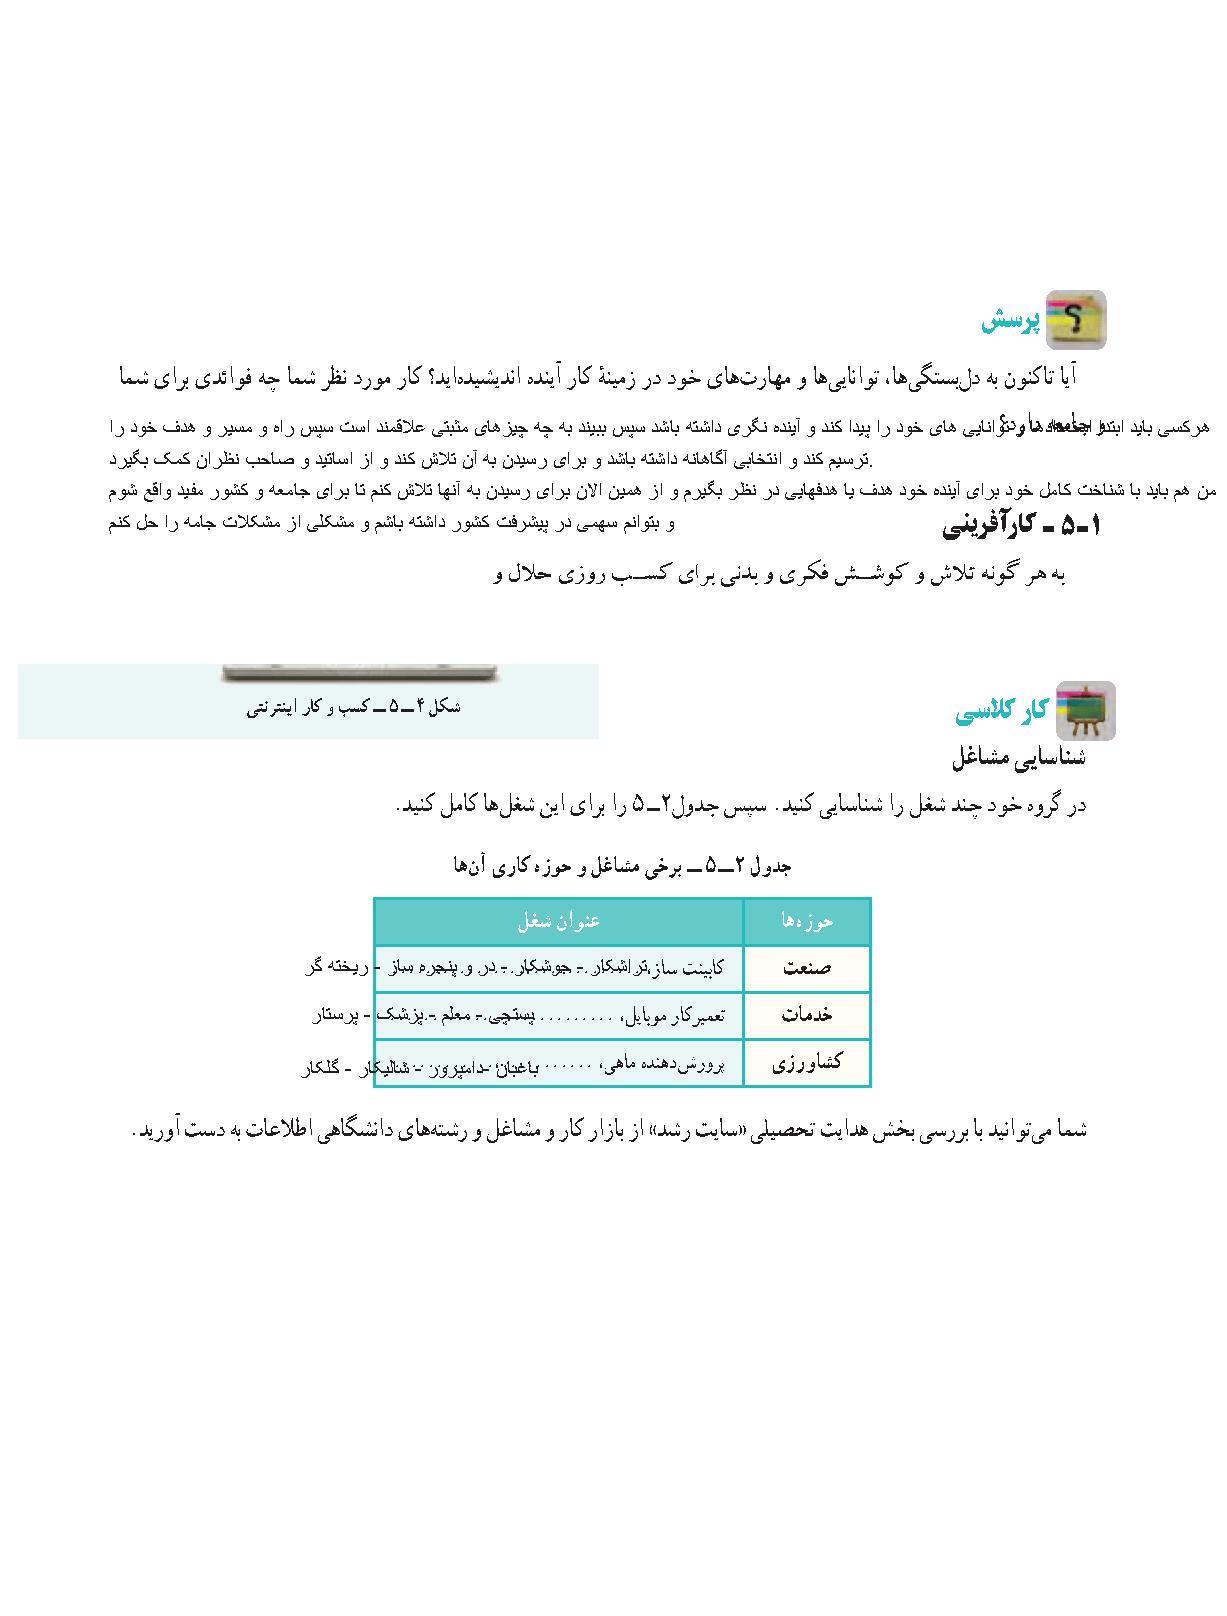 جواب پرسش صفحه44 و کاردرکلاس صفحه 46 کاروفناوری هفتم